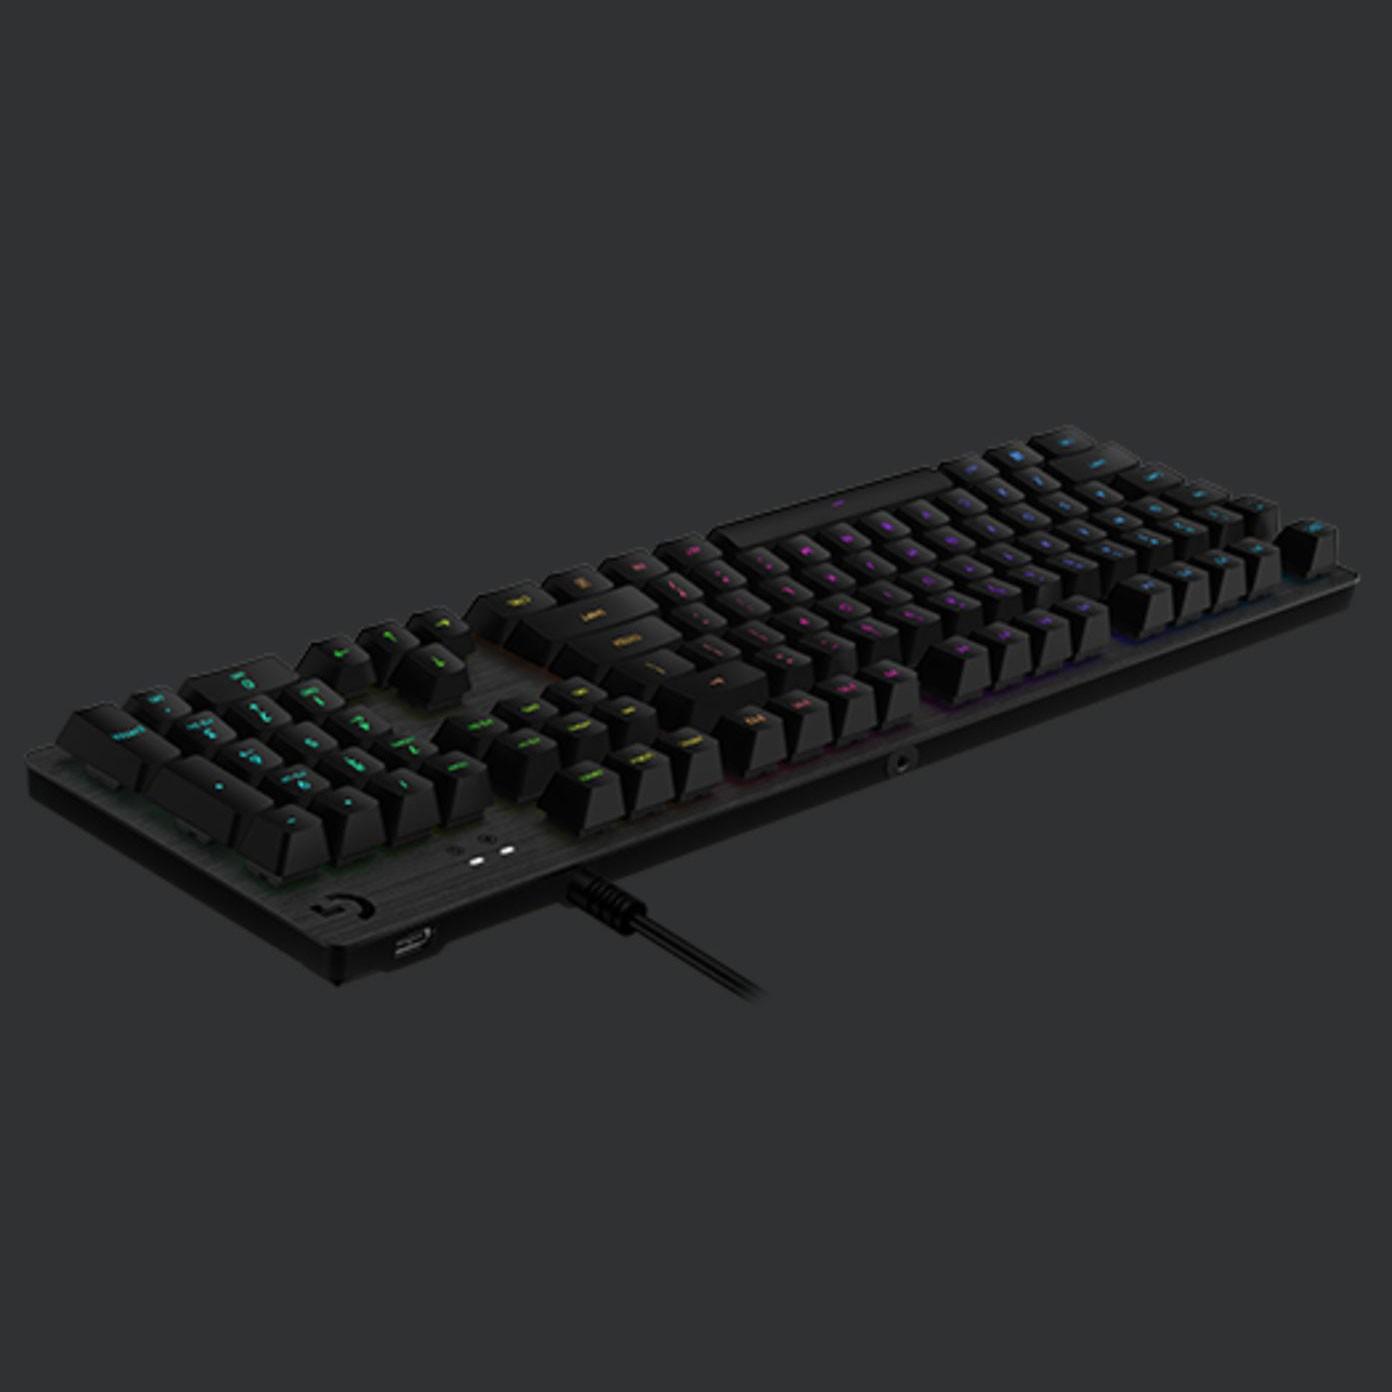 Logitech G512 Carbon LIGHTSYNC RGB Mechanical Gaming Keyboard - Tactile